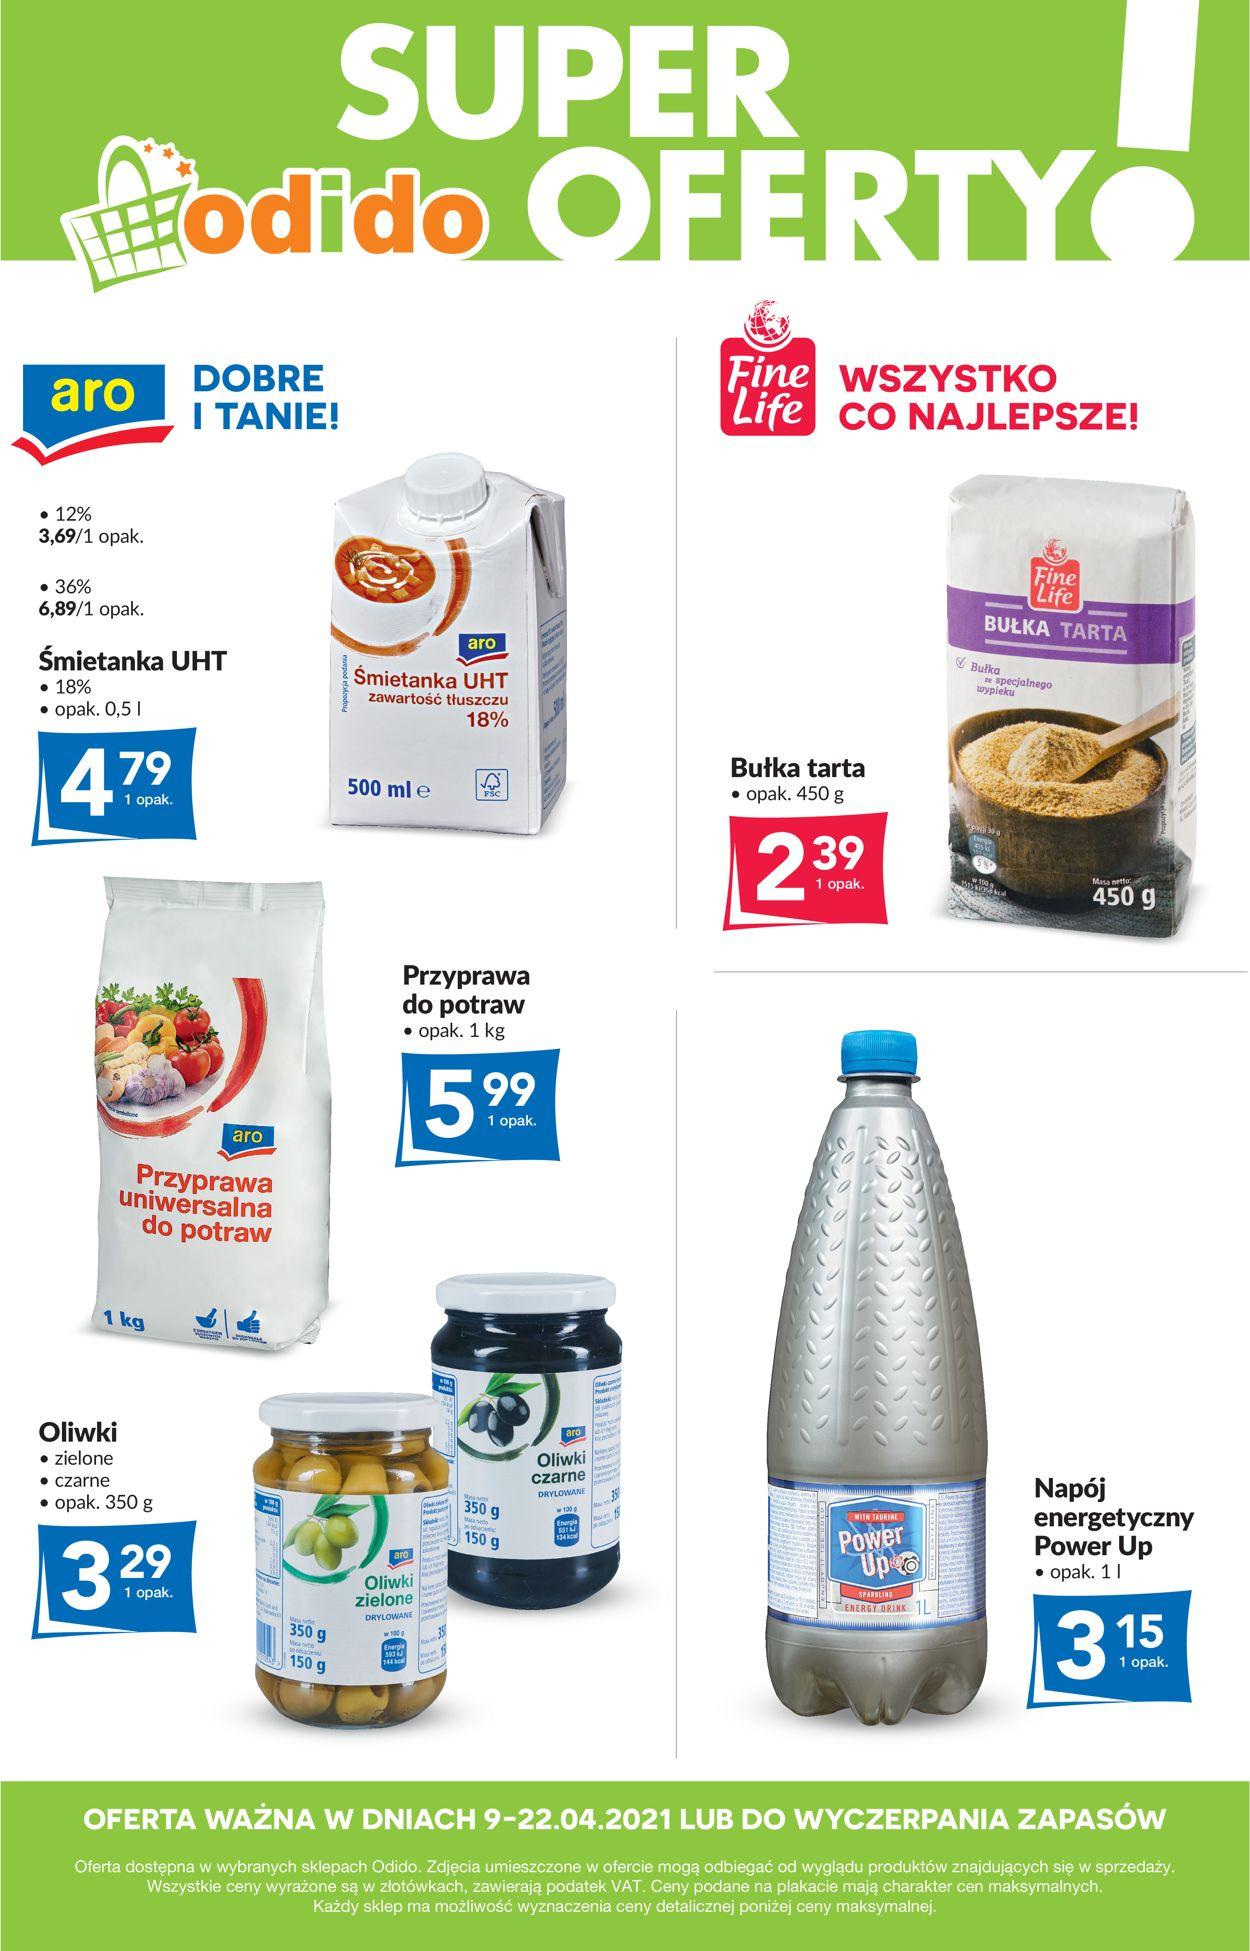 Gazetka promocyjna Odido Super oferty! - 09.04-22.04.2021